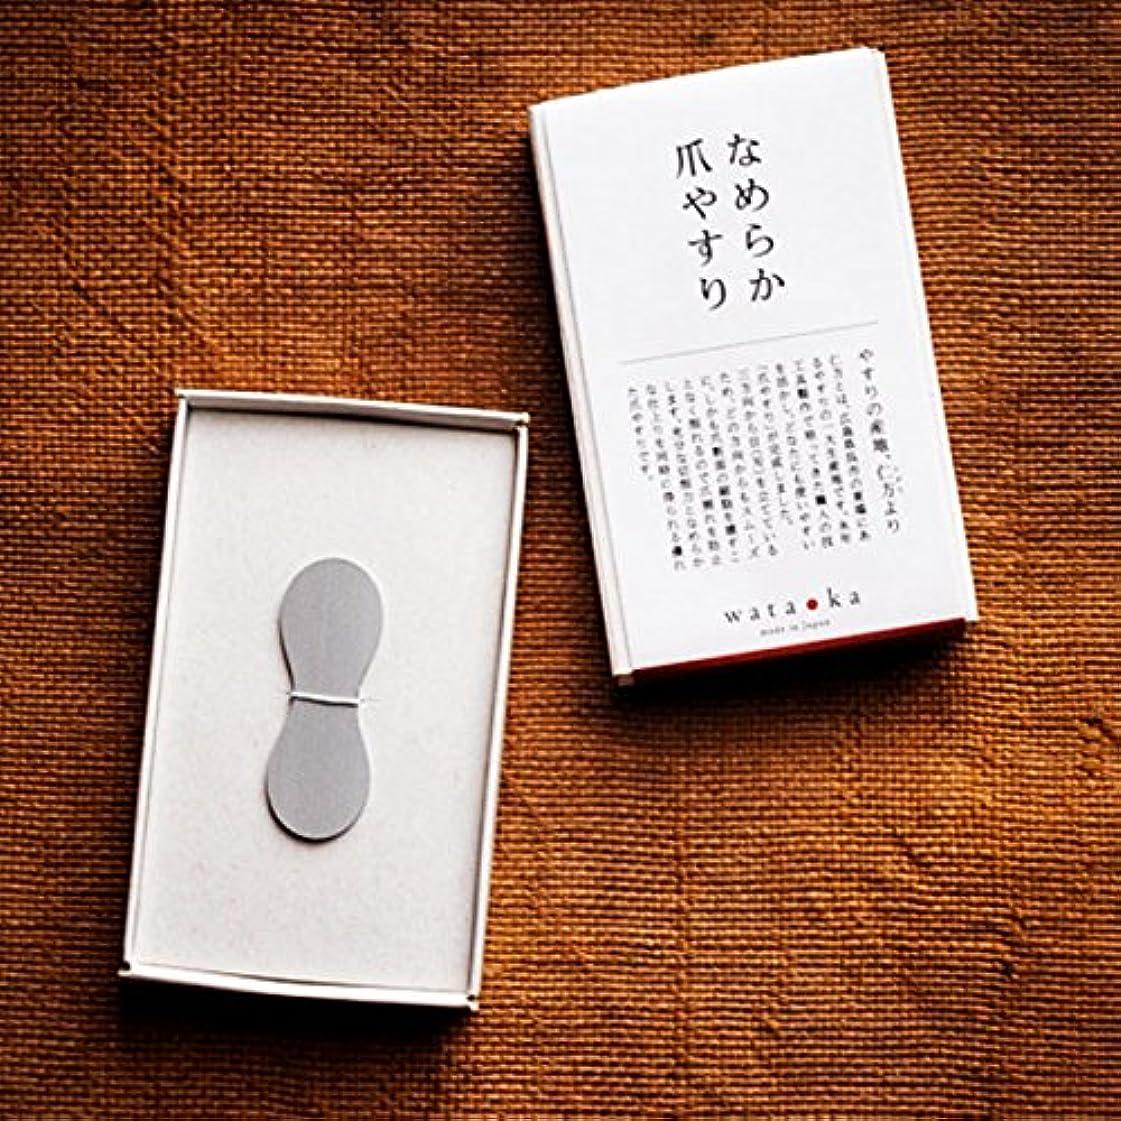 人気甘くする配るwataoka 鑢のワタオカ 爪やすり (専用パッケージ入り)